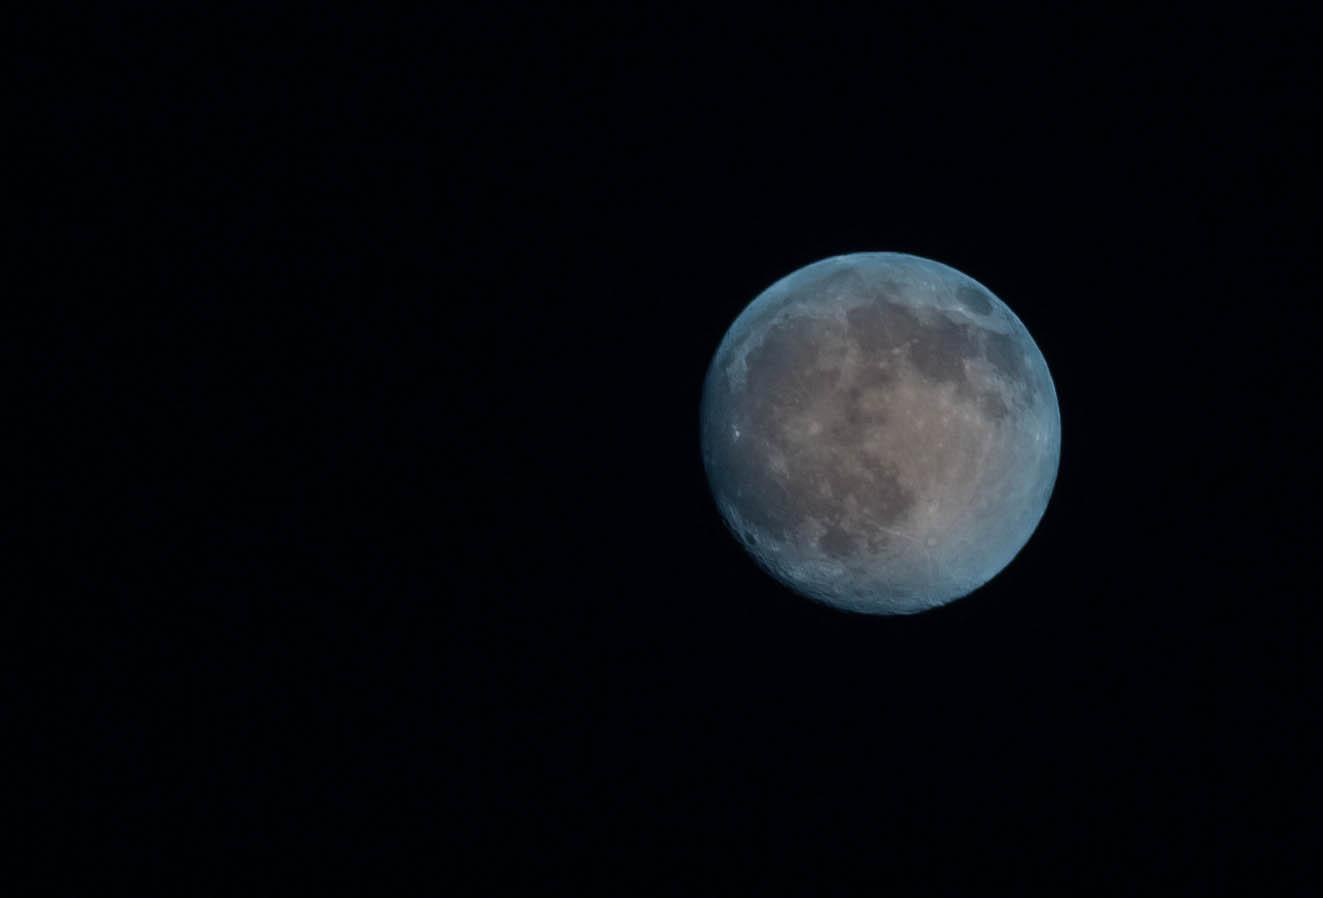 Meine erste Aufnahme vom Mond